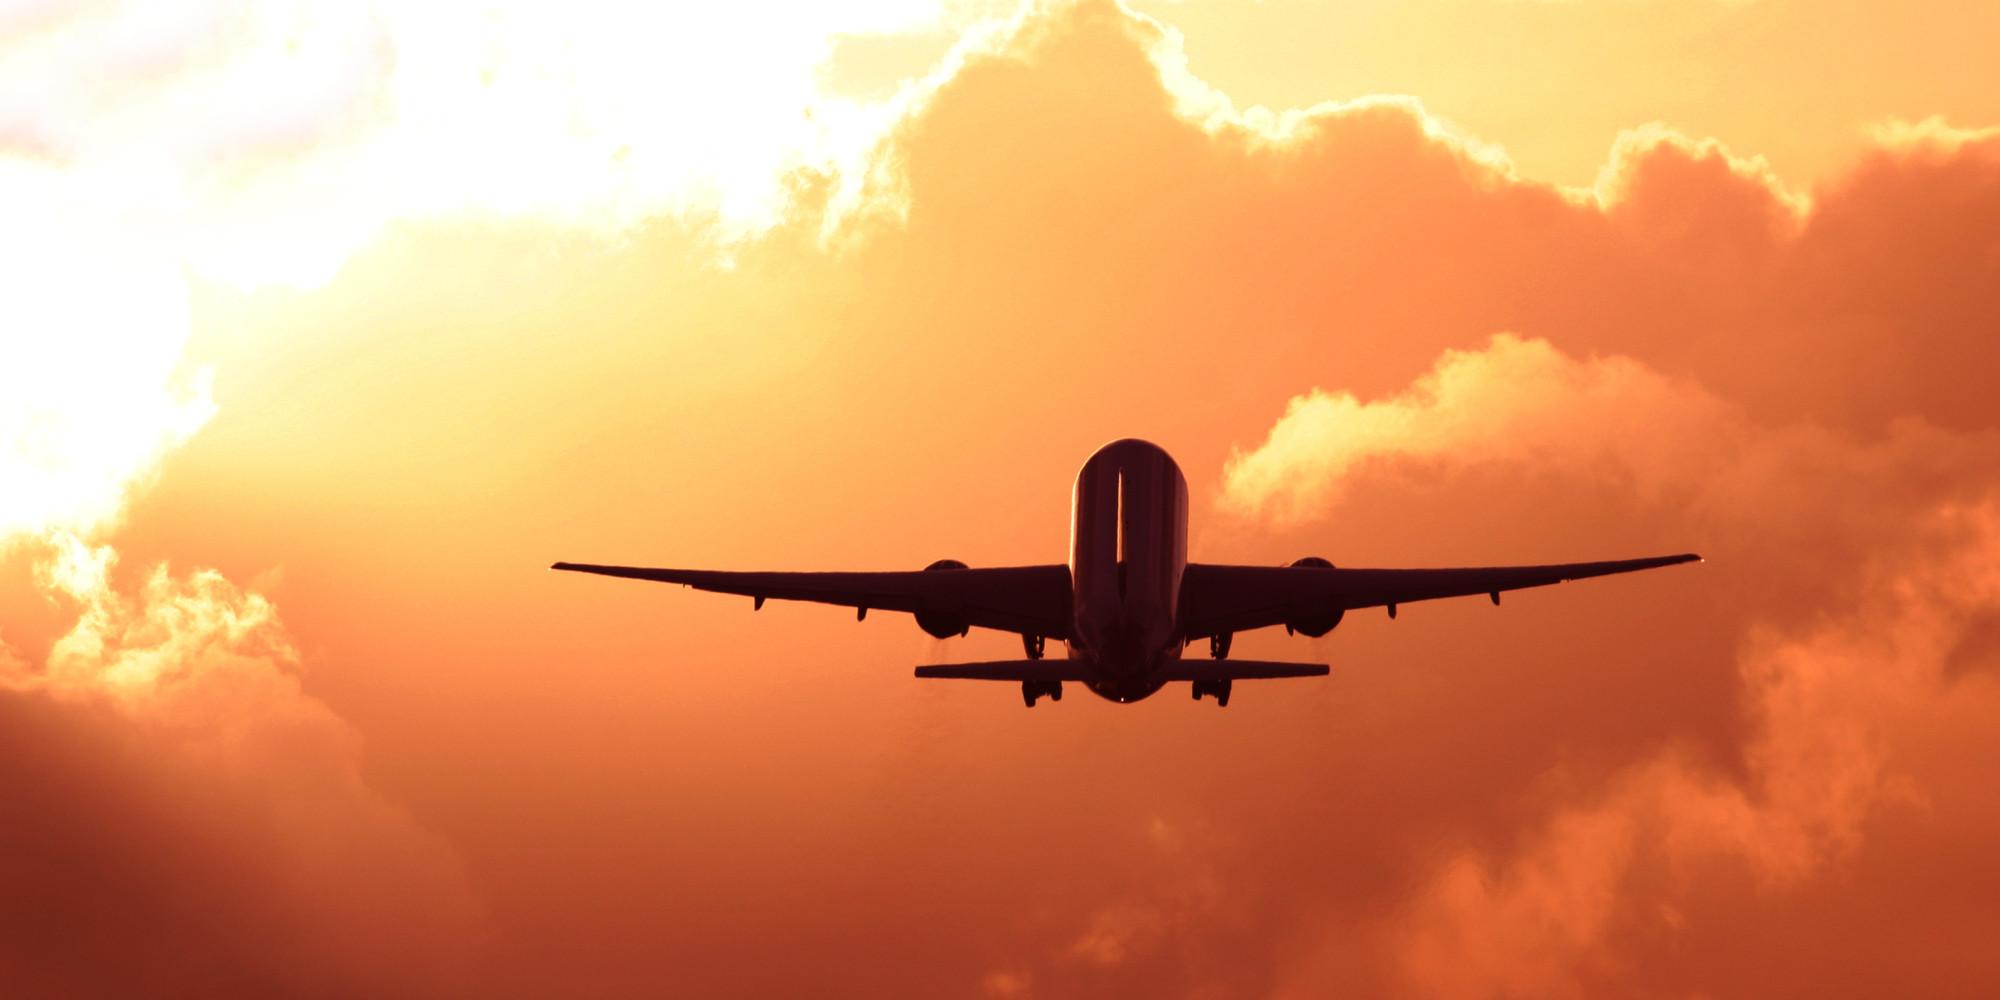 Take Off Airplane Flight Land 2000x1000